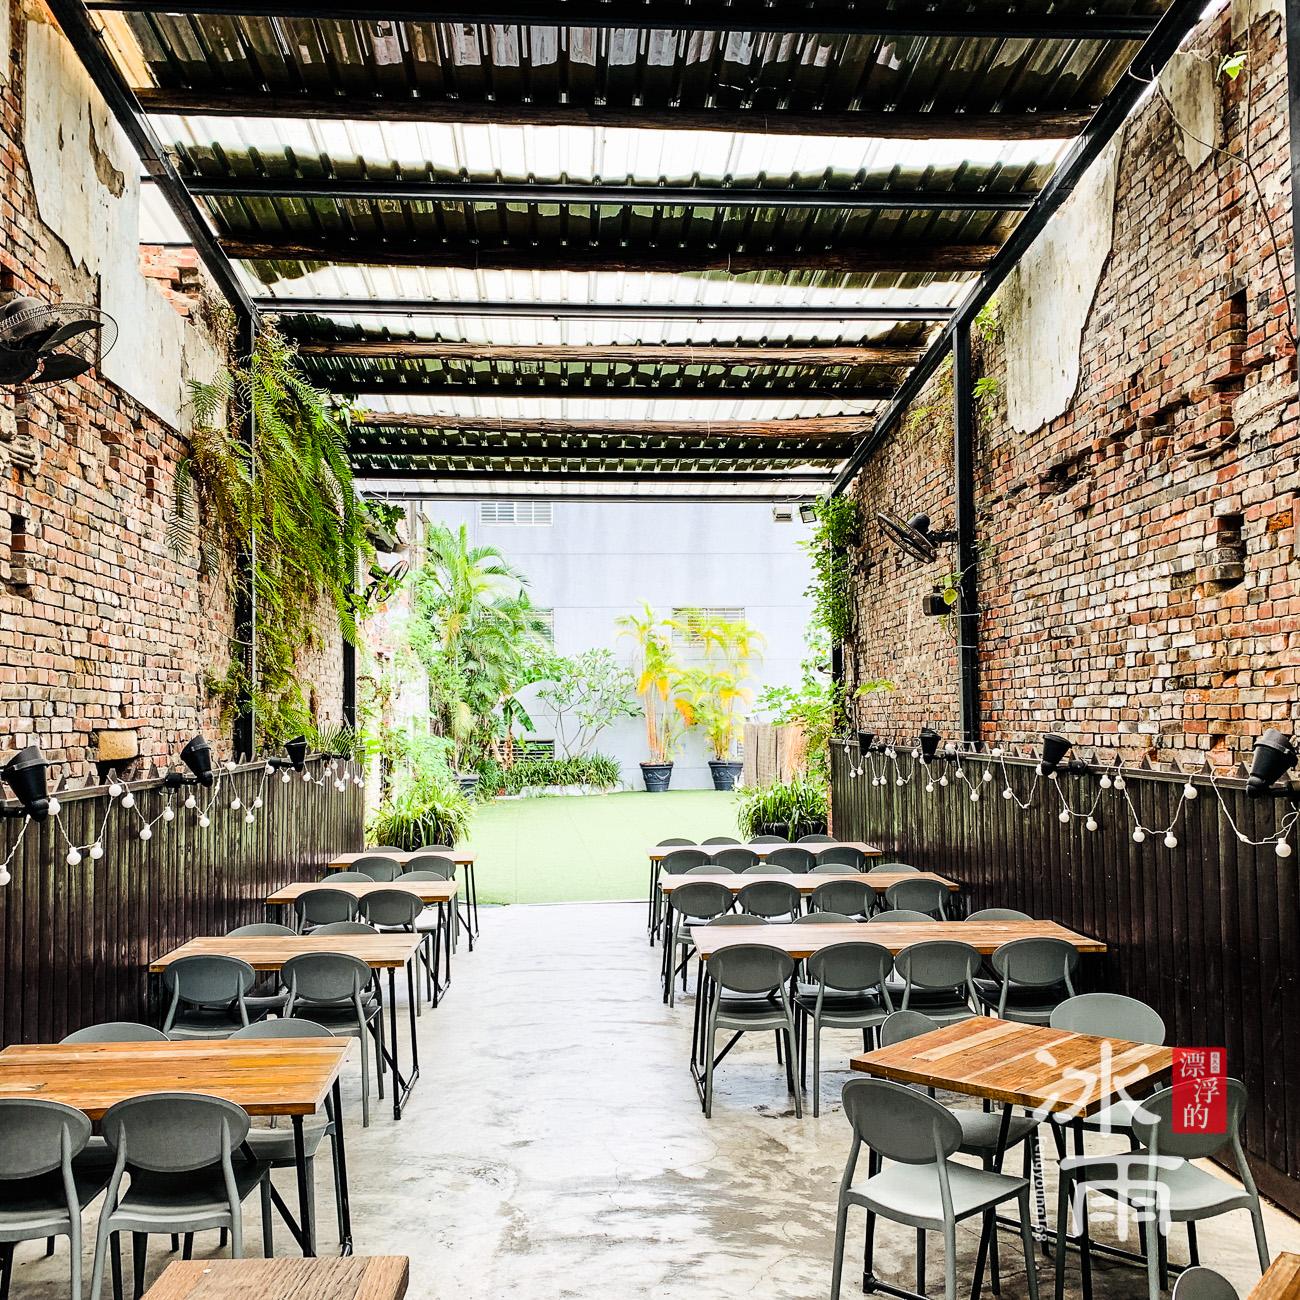 有點熱的一個戶外空間,可以容納超多人一起吃飯